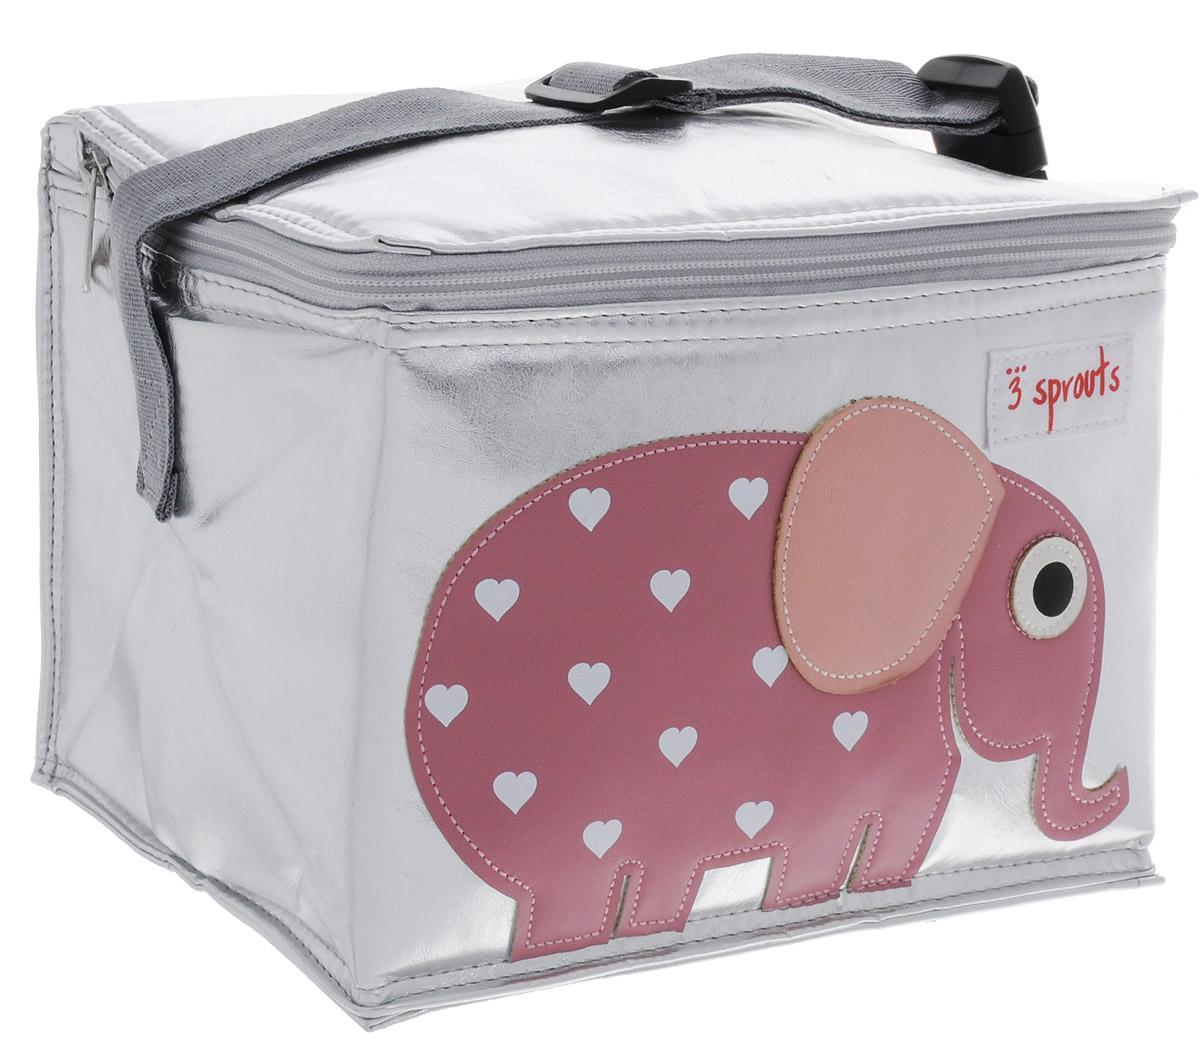 3 Sprouts Сумка для обеда Розовый слоник00002Сумка для обеда 3 Sprouts Розовый слоник идеальна для контейнеров, так что вы можете отправить детей в школу вместе с сытными закусками и обедами. В этой сумке еда не нагреется. Мыть ее чрезвычайно легко. Специальная бирка на внутренней поверхности сумки предназначена для указания имени ребенка. Прочная застежка-молния, хорошая вместительность, стильный серебристый цвет и красивая аппликация делают использование этой сумки удобным и приятным для ребенка. Регулируемый ремешок с защелкой позволит прикрепить сумку к рюкзаку или другой сумке.Сумка изготовлена без применения фталатов, PVC и свинца.